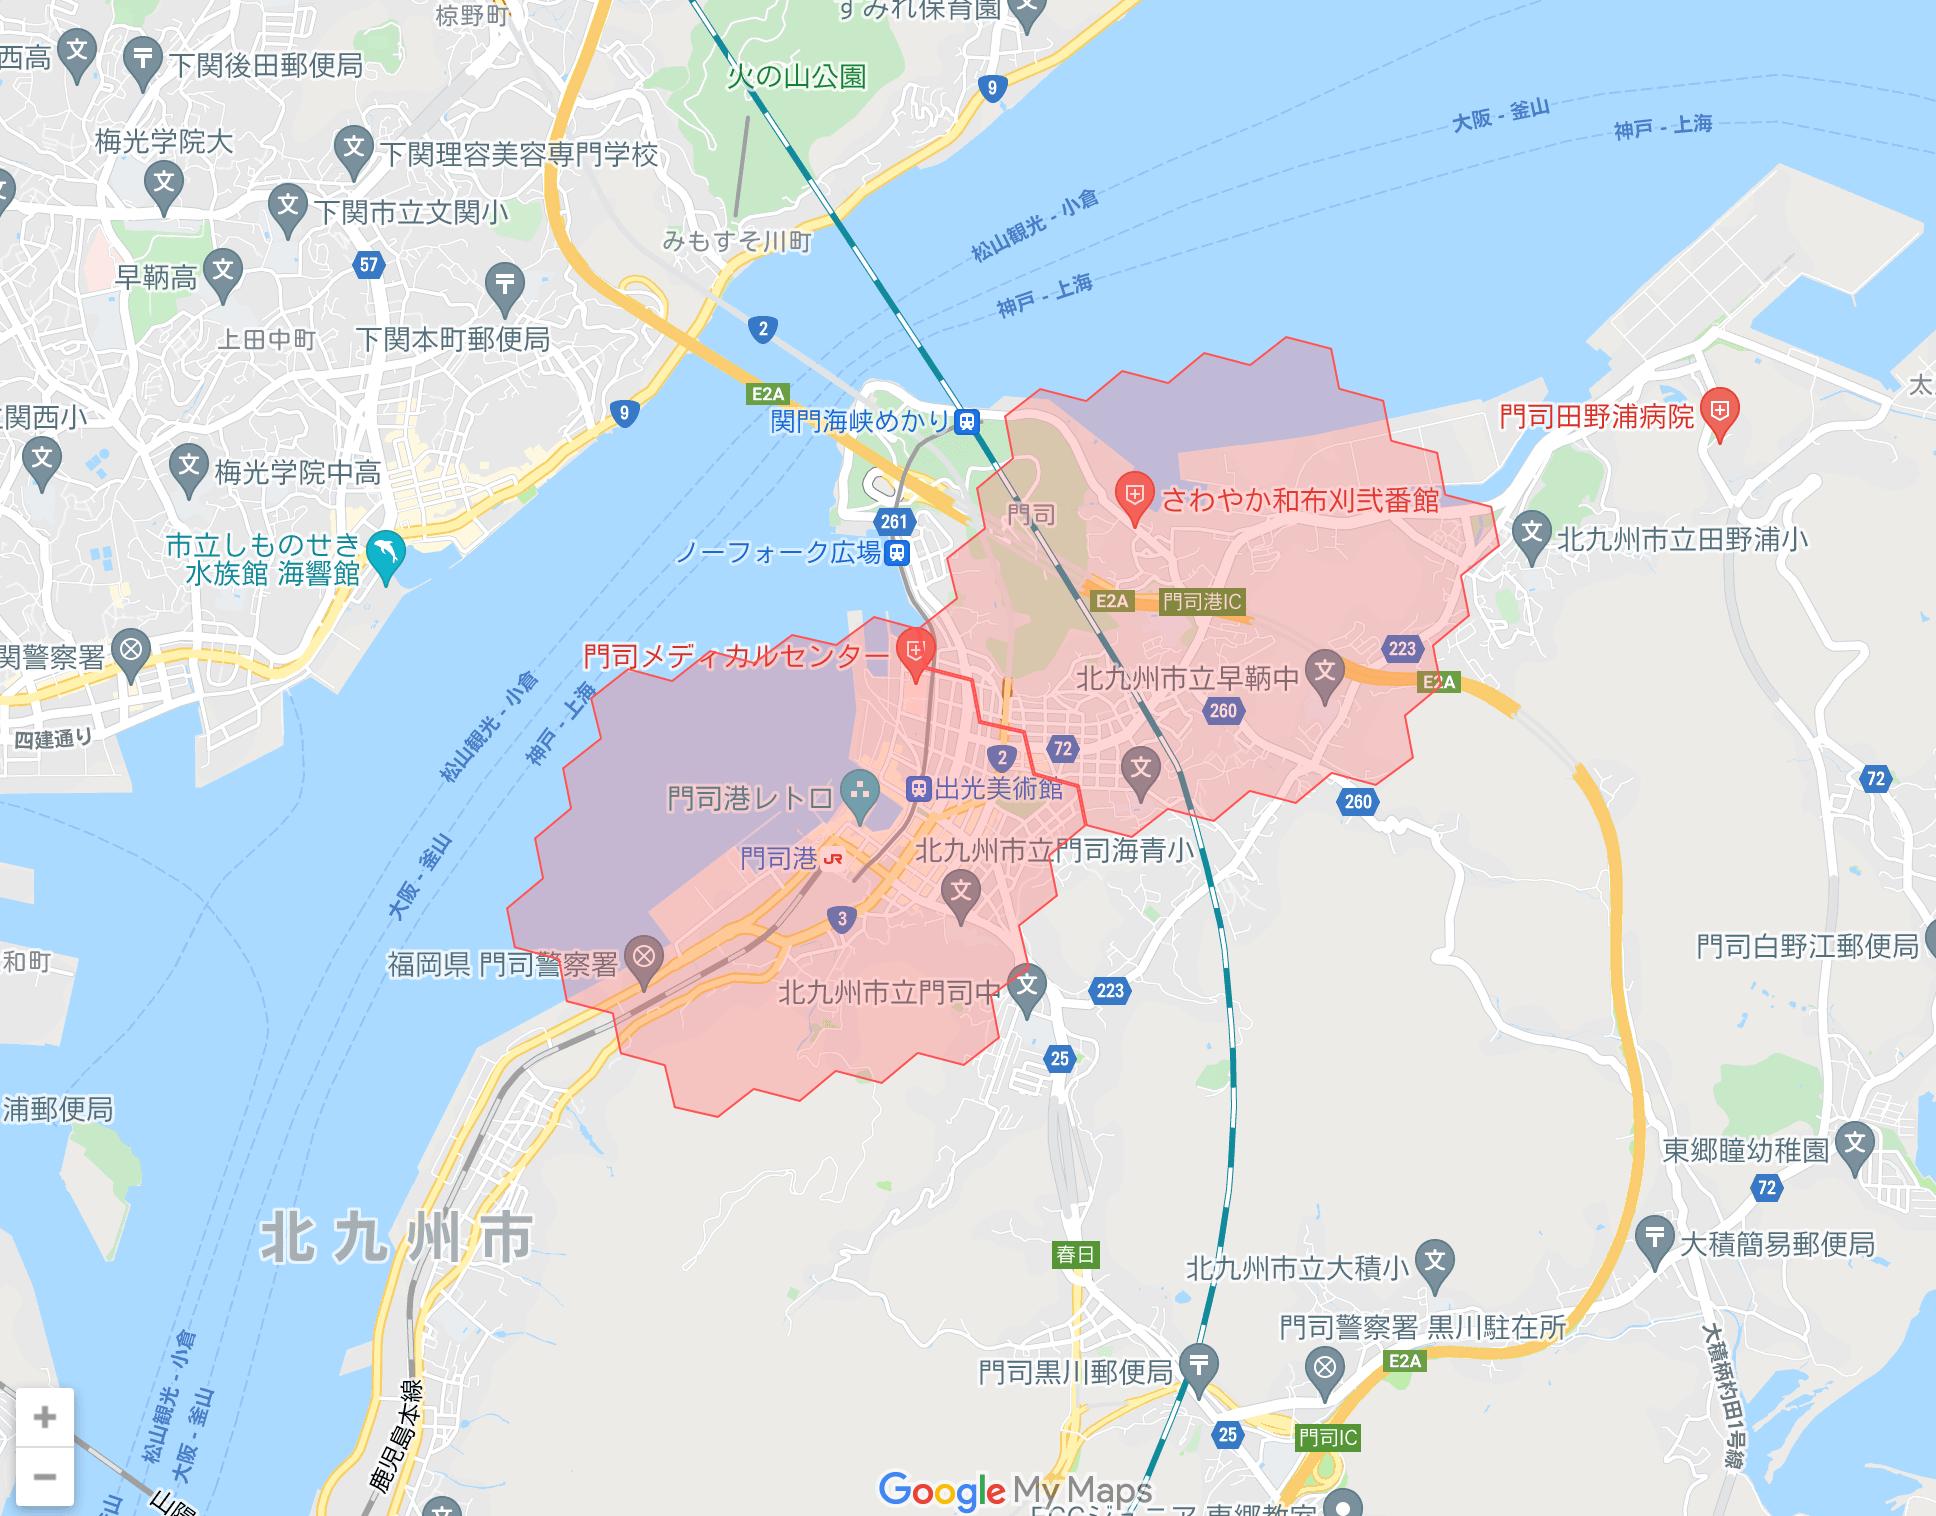 北九州市のmenu(メニュー)対応エリア・配達エリア